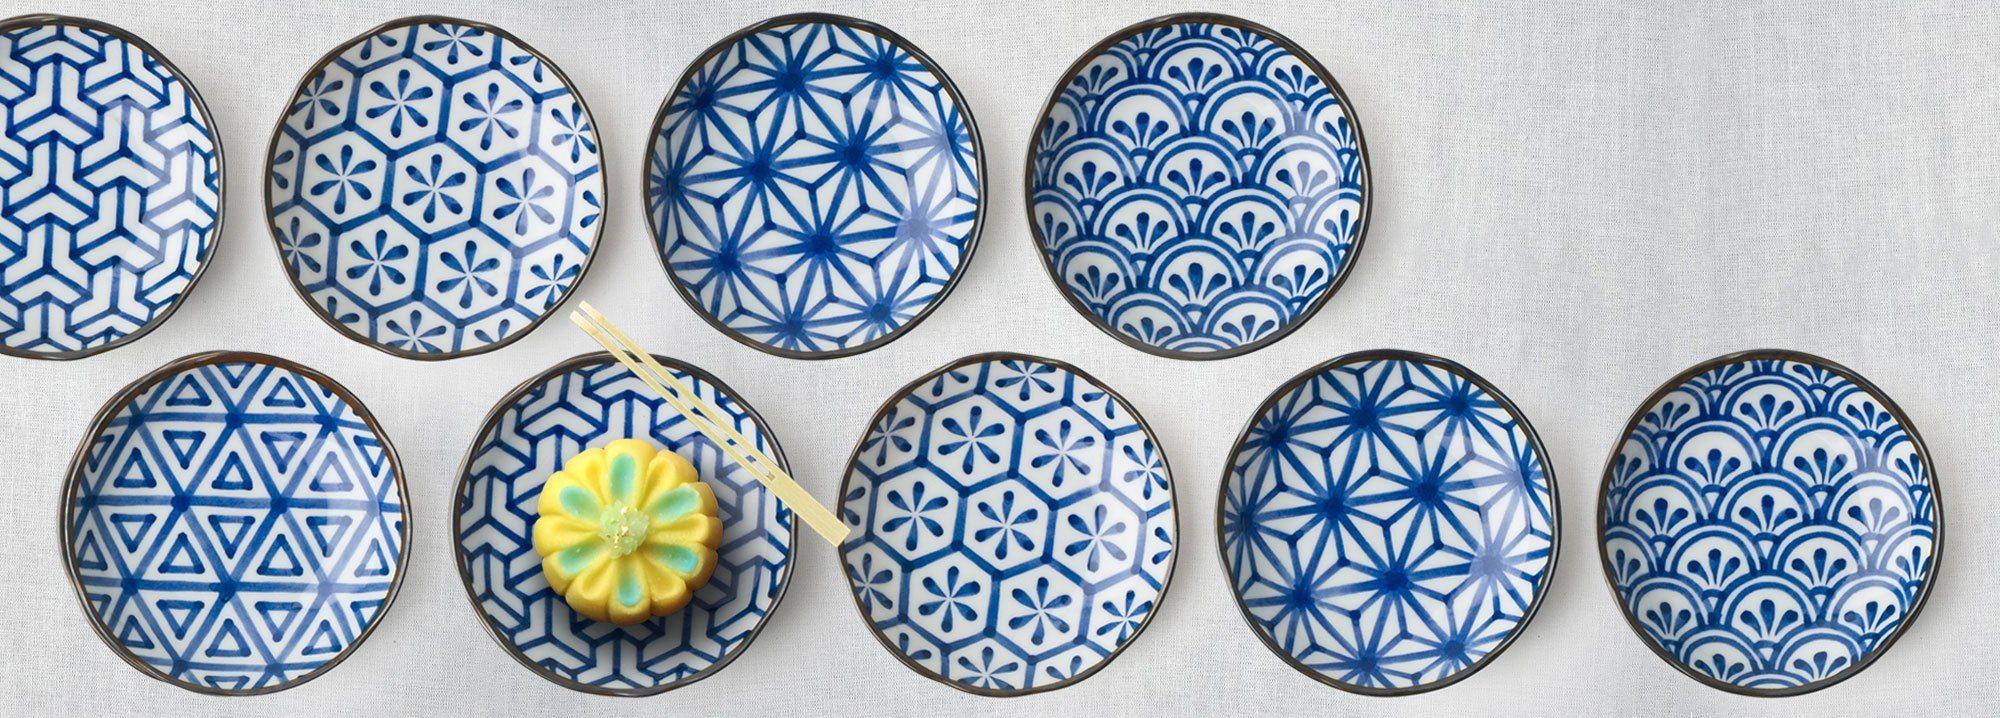 Monyou Blue White Japanese Dishes Plates Bowls